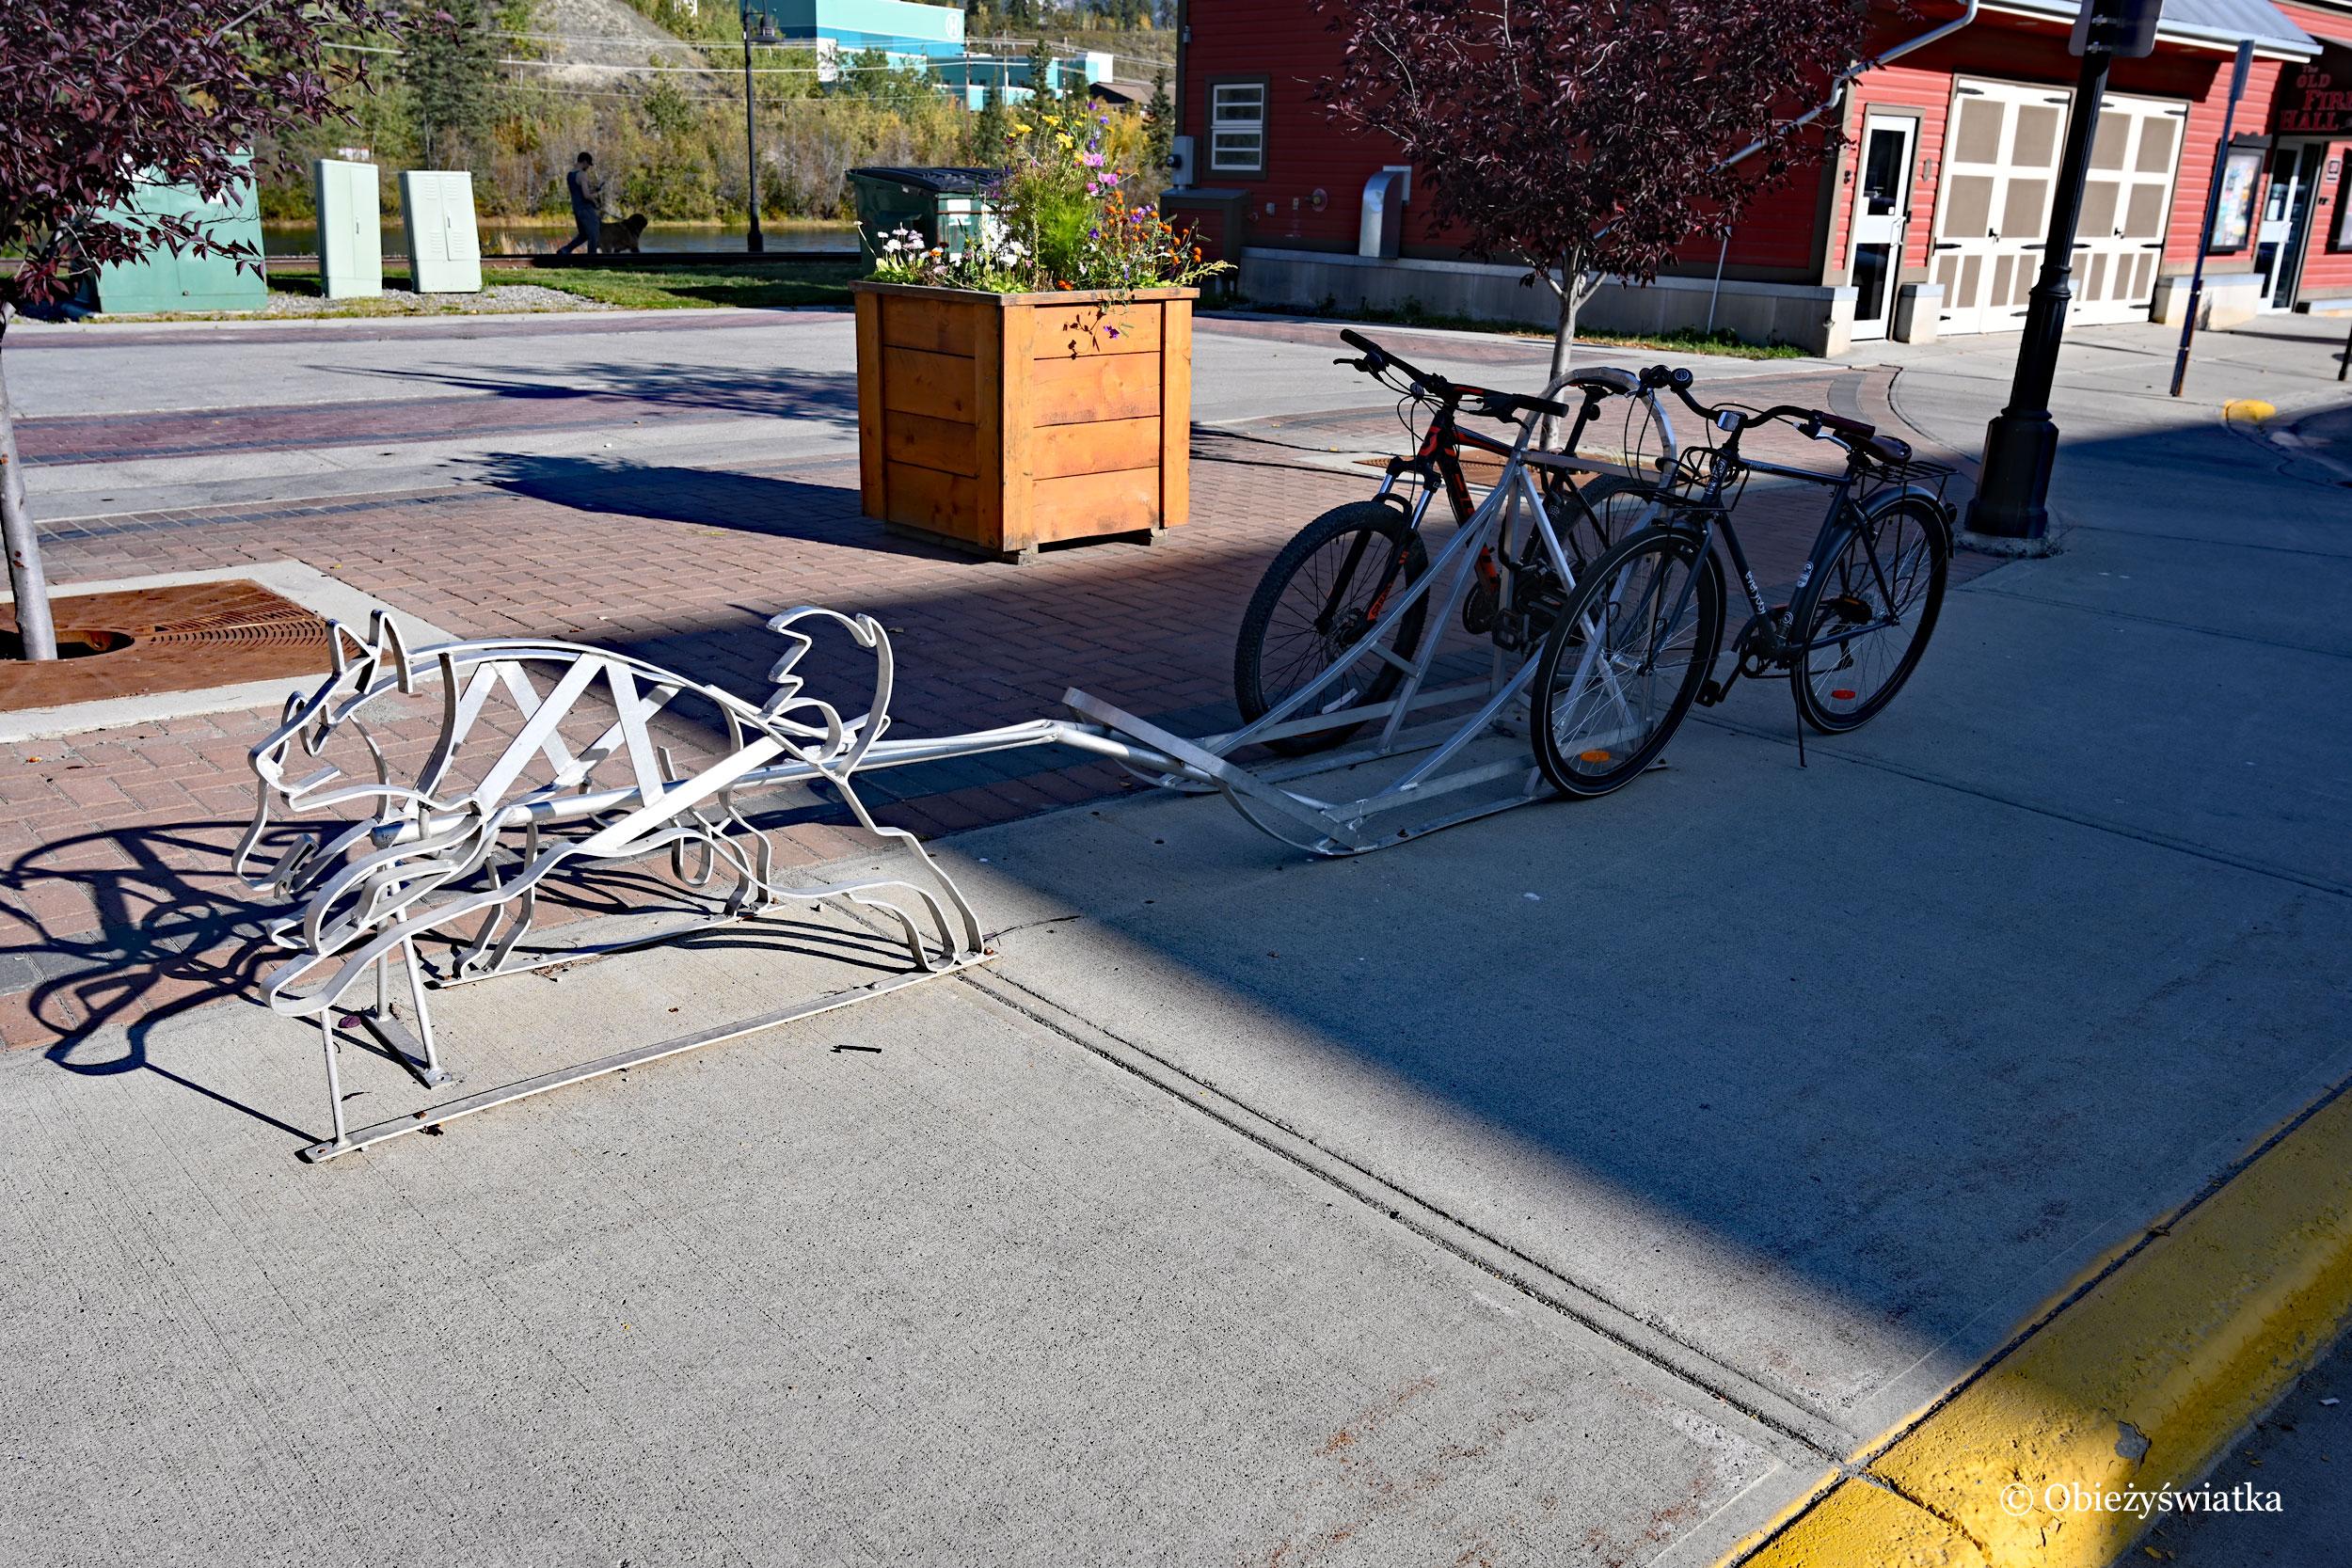 Stojak na rowery w kształcie zaprzęgu psów, Whitehorse, Kanada